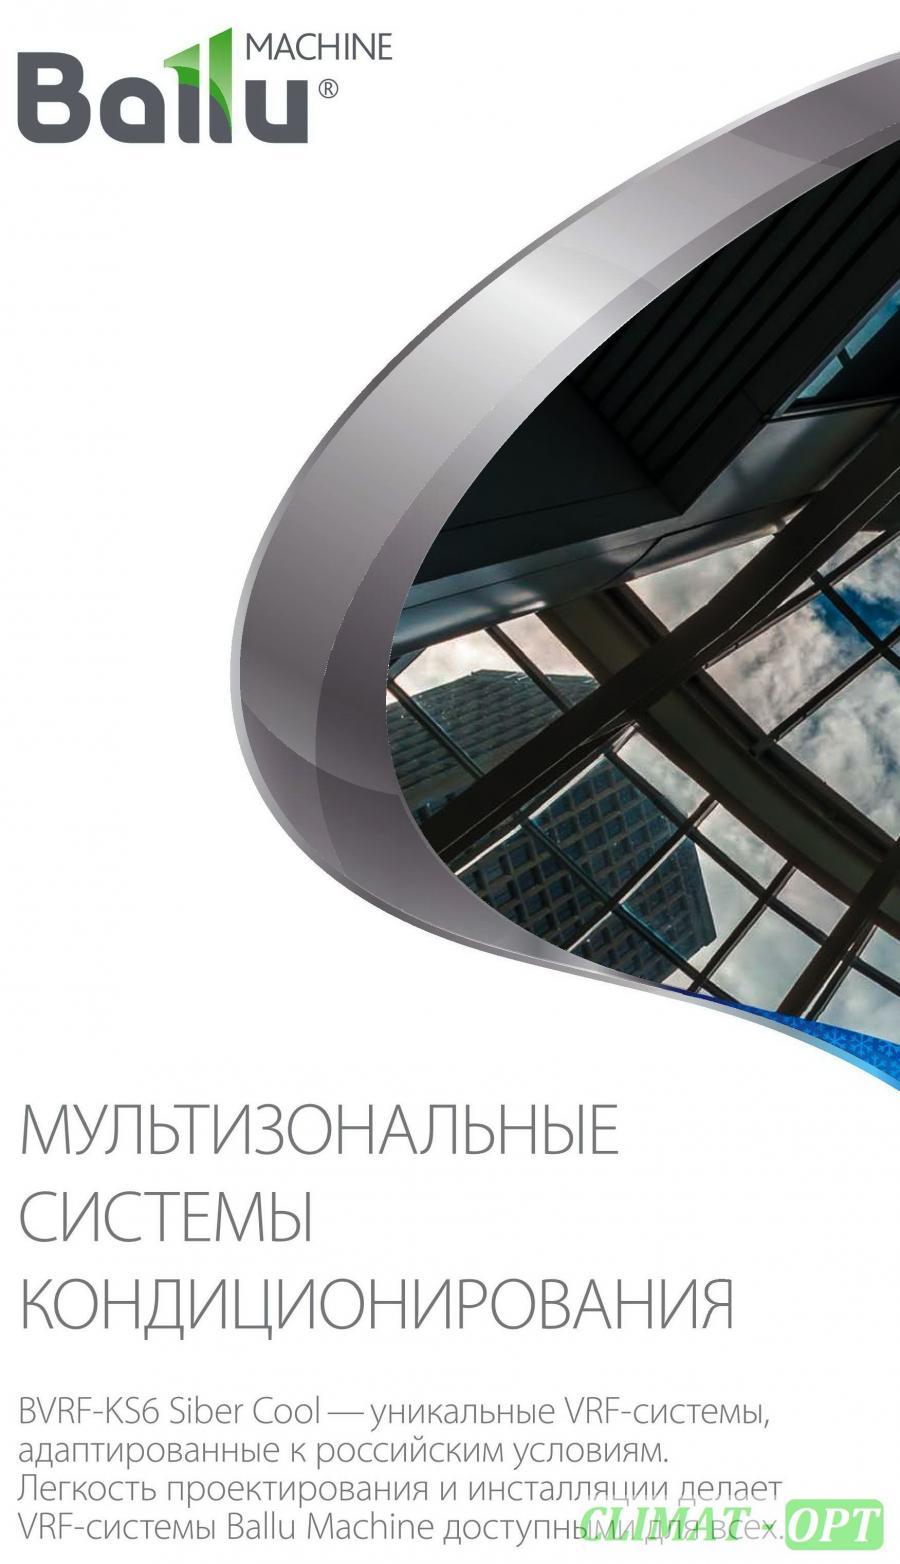 Внутренние Настенные блоки Ballu MACHINE VRF-системы BVRFW-KS6